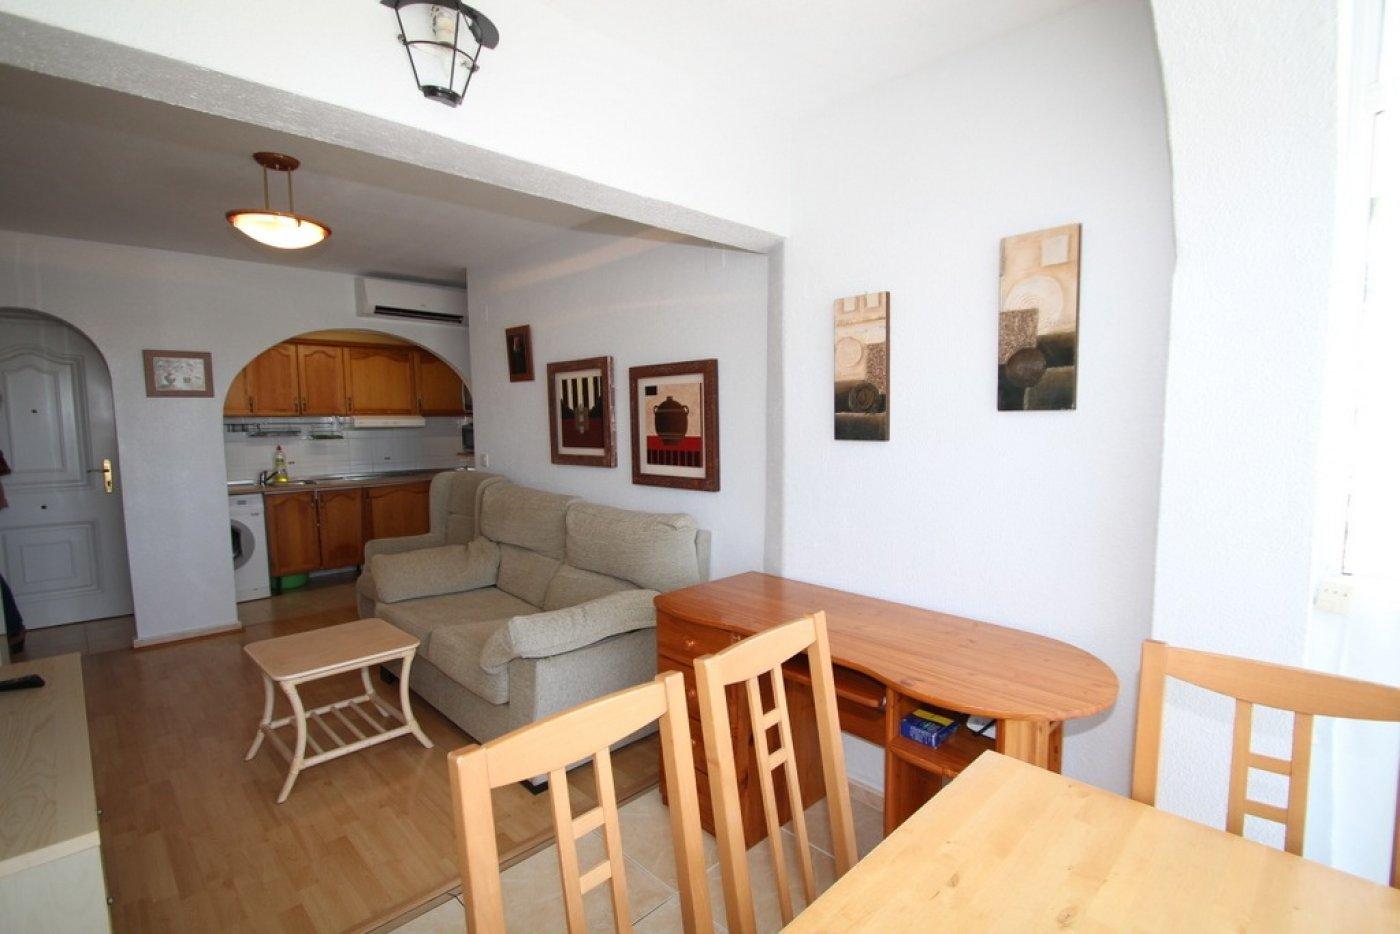 Propiedades en venta en Torrevieja, España image 2